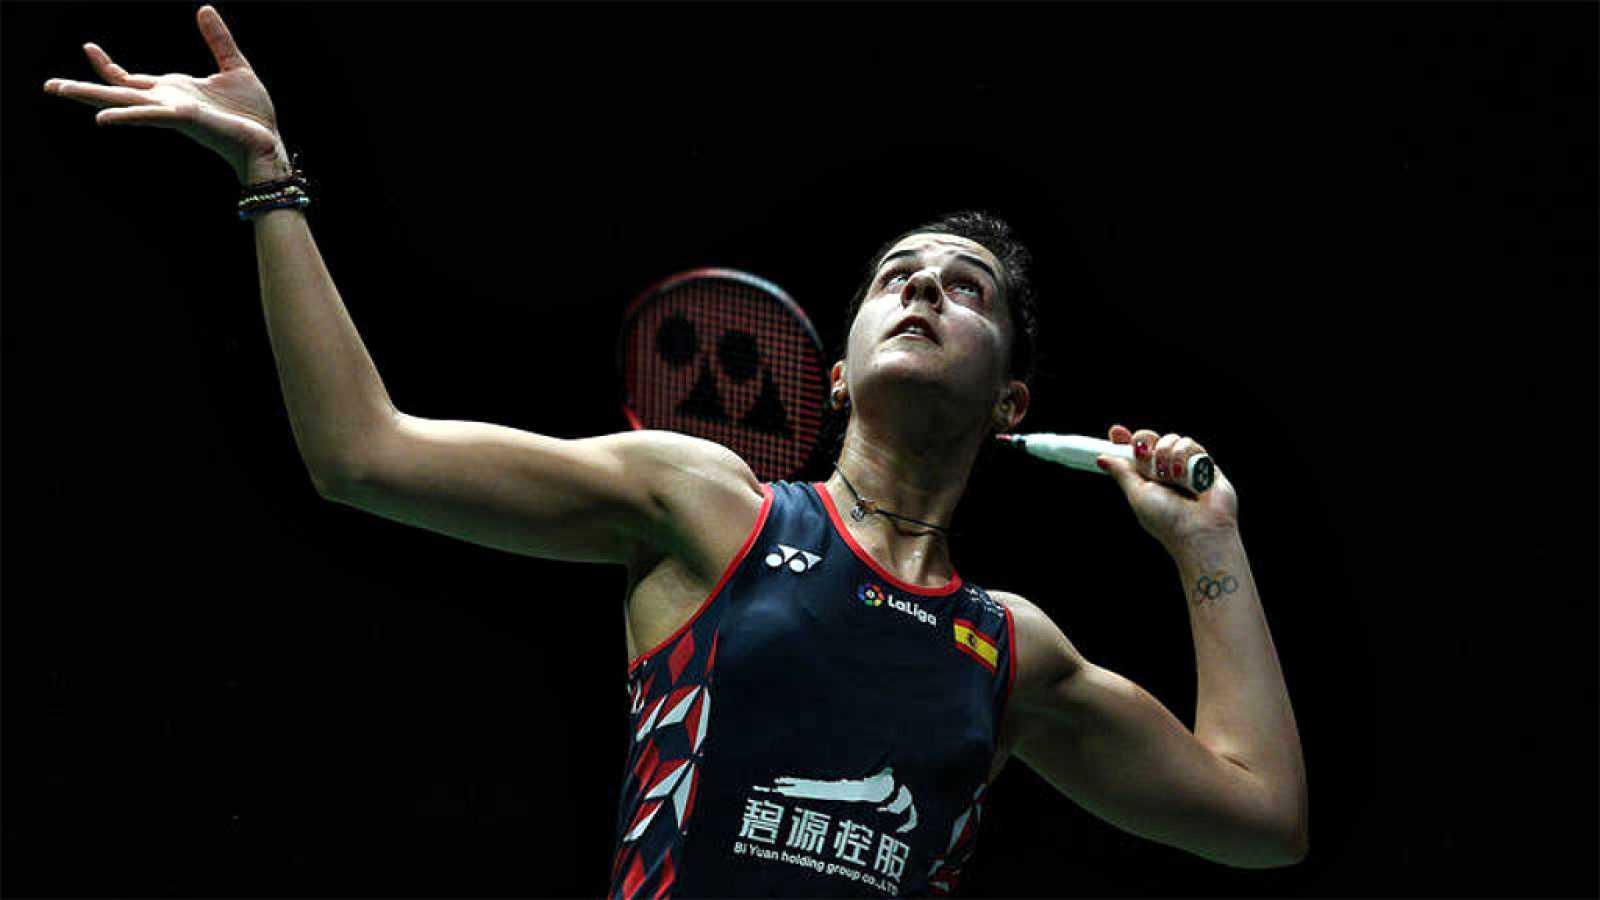 La española Carolina Marín se ha clasificado para la semifinal del Abierto de Malasia de bádminton, que se está disputando en Kuala Lumpur, al imponerse a la india Saina Nehwal por 21-8 y 21-7.